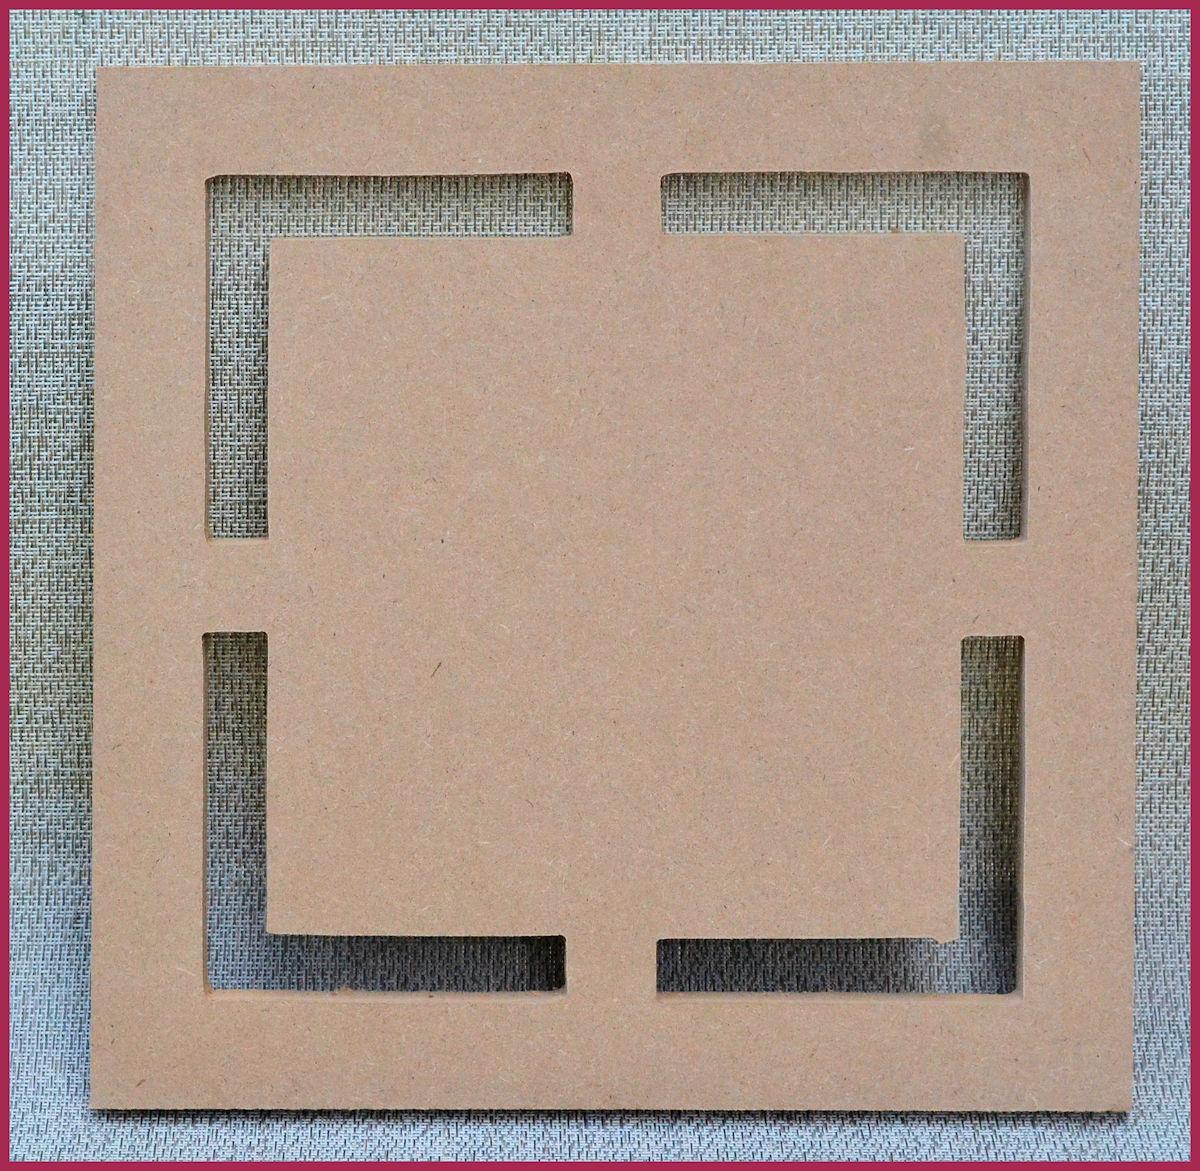 wood-mdf-frame-12-x-12-1923ls0001.jpg